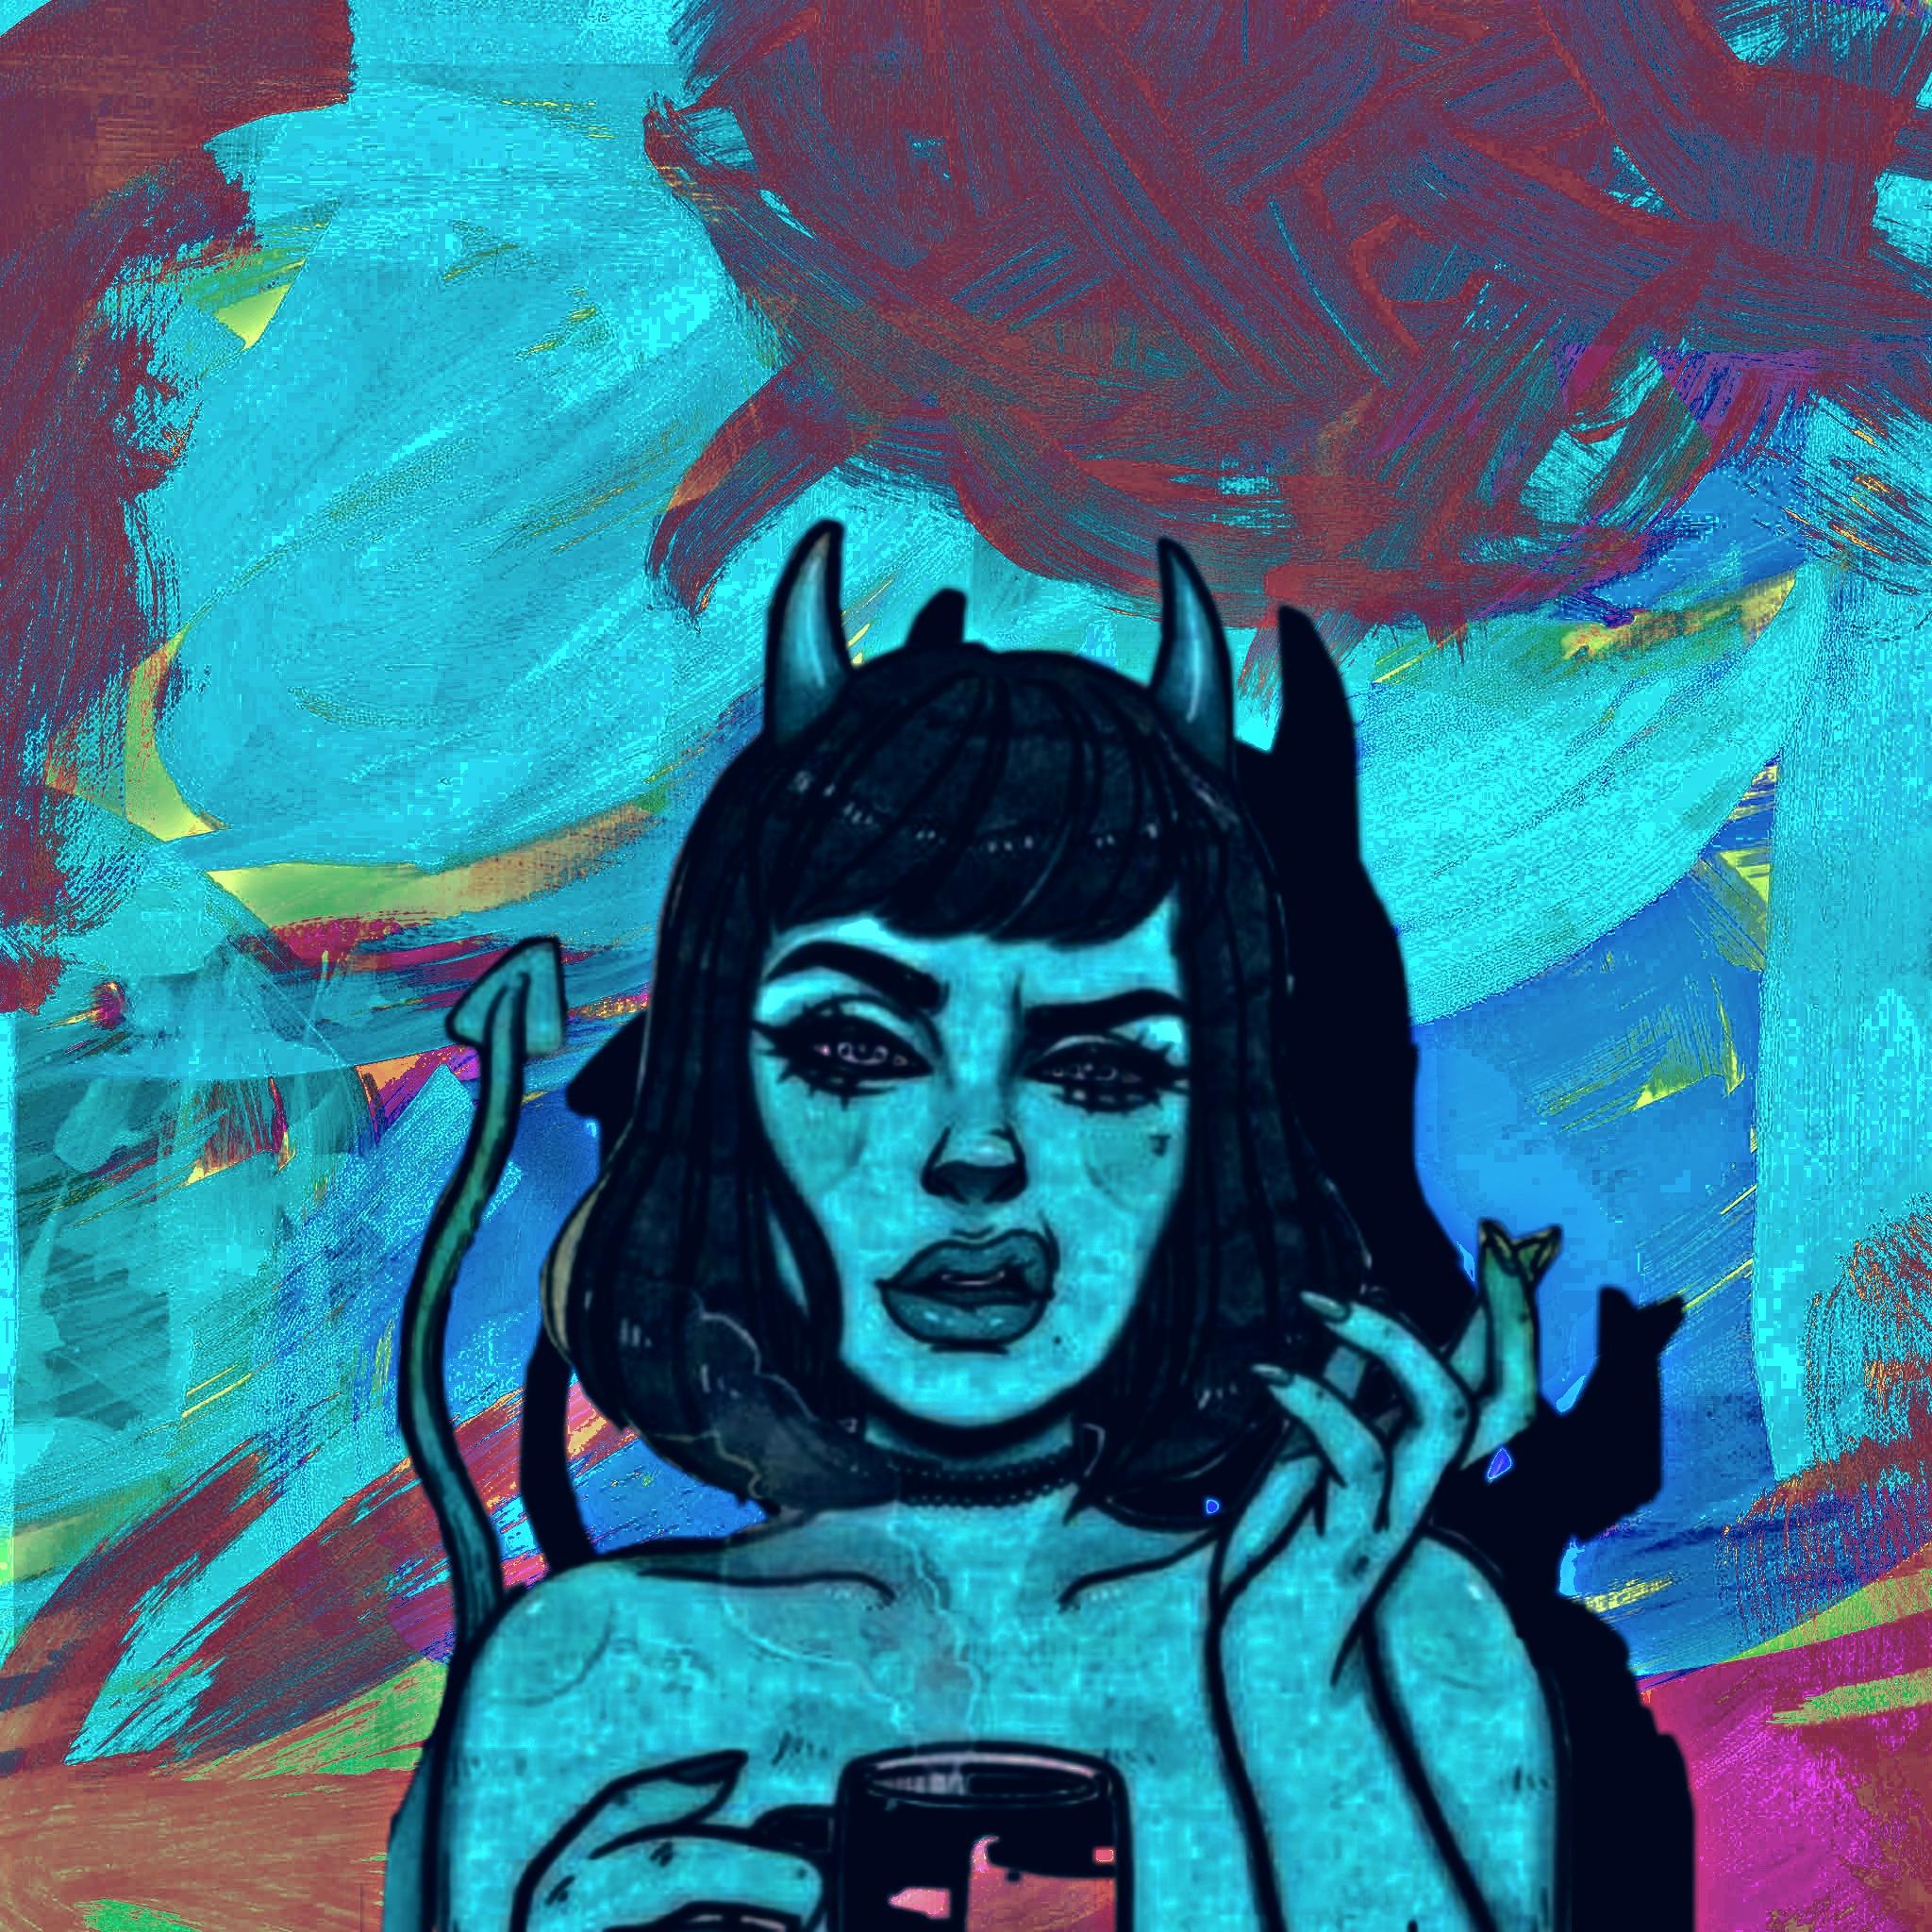 Devil girl illustration